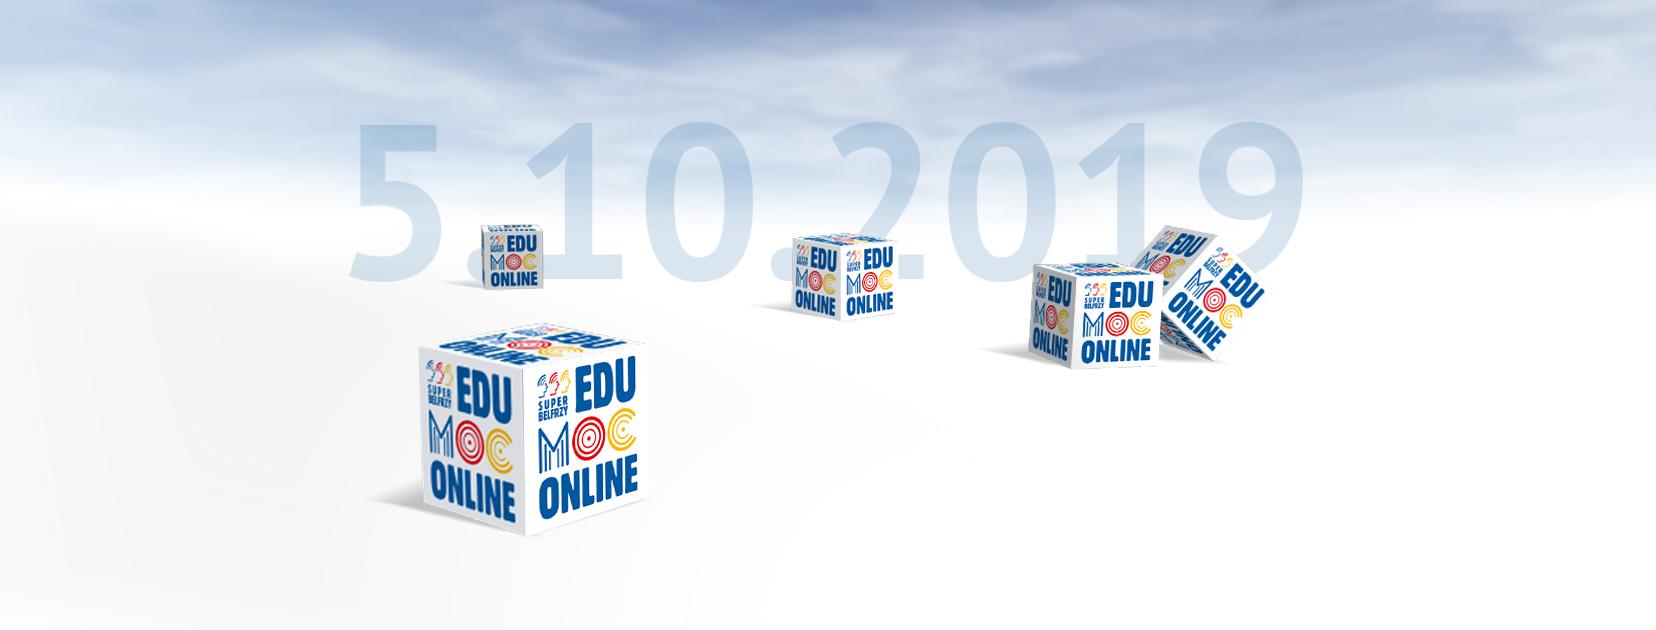 Edu Moc Online 2019